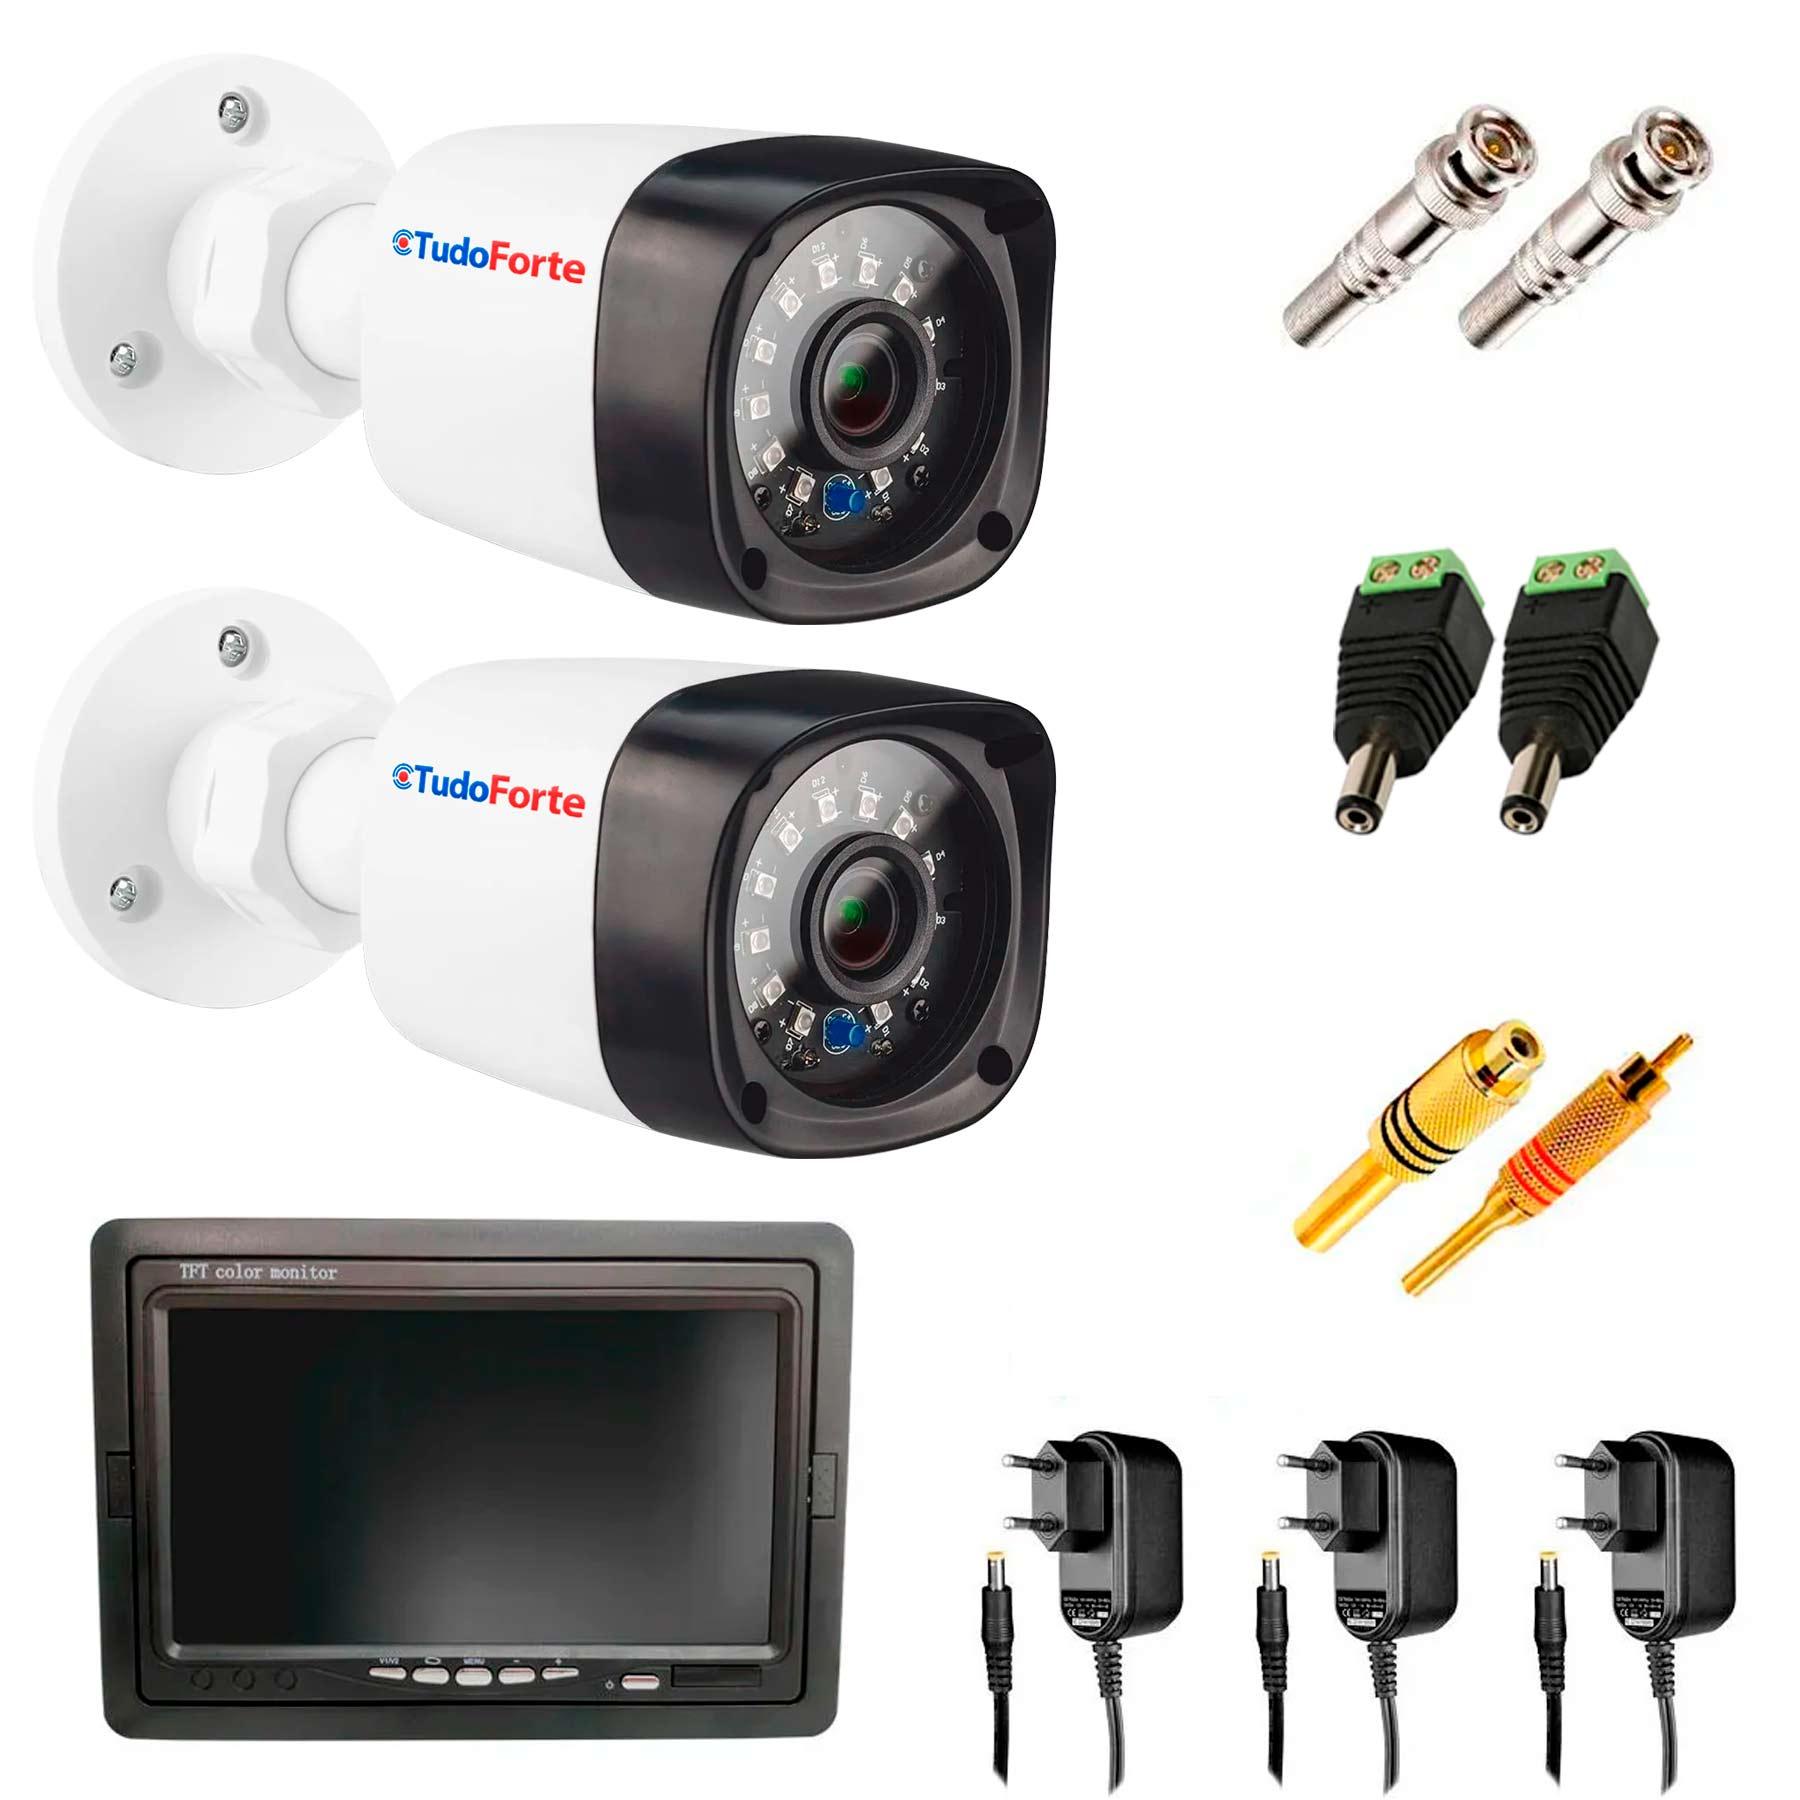 kit-02-cameras-infravermelho-20m-tudo-forte-porteiro-eletronico-ipr8010-intelbras-tela-monitor-7-polegadas-lcd-colorido-acessorios